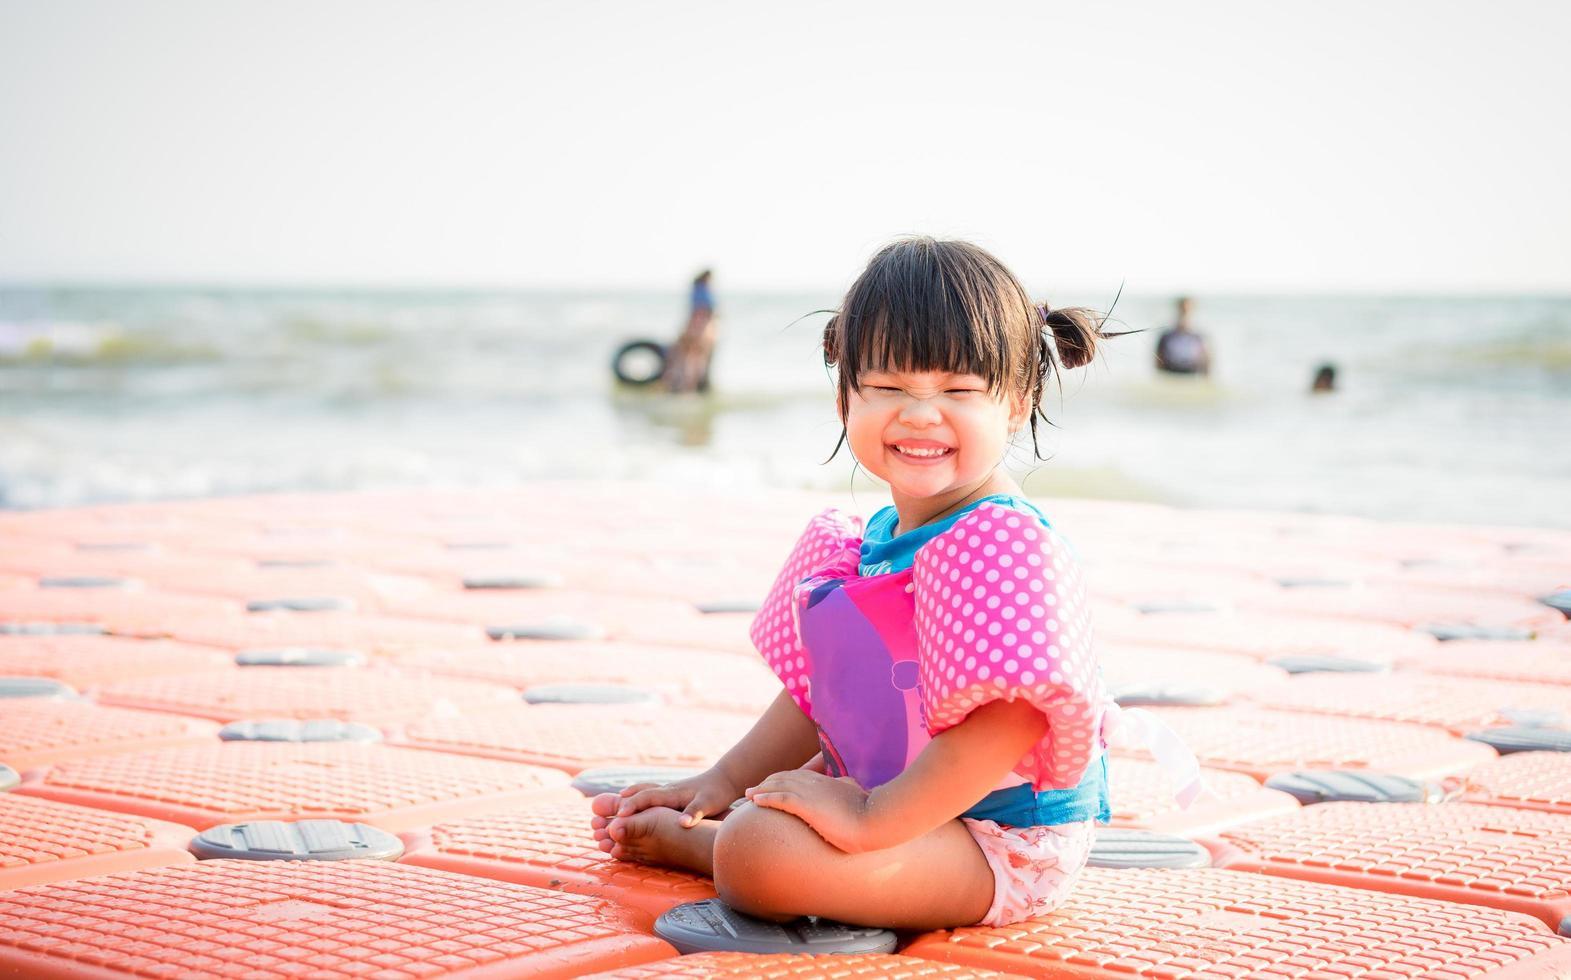 niña asiática sonriendo en la playa foto